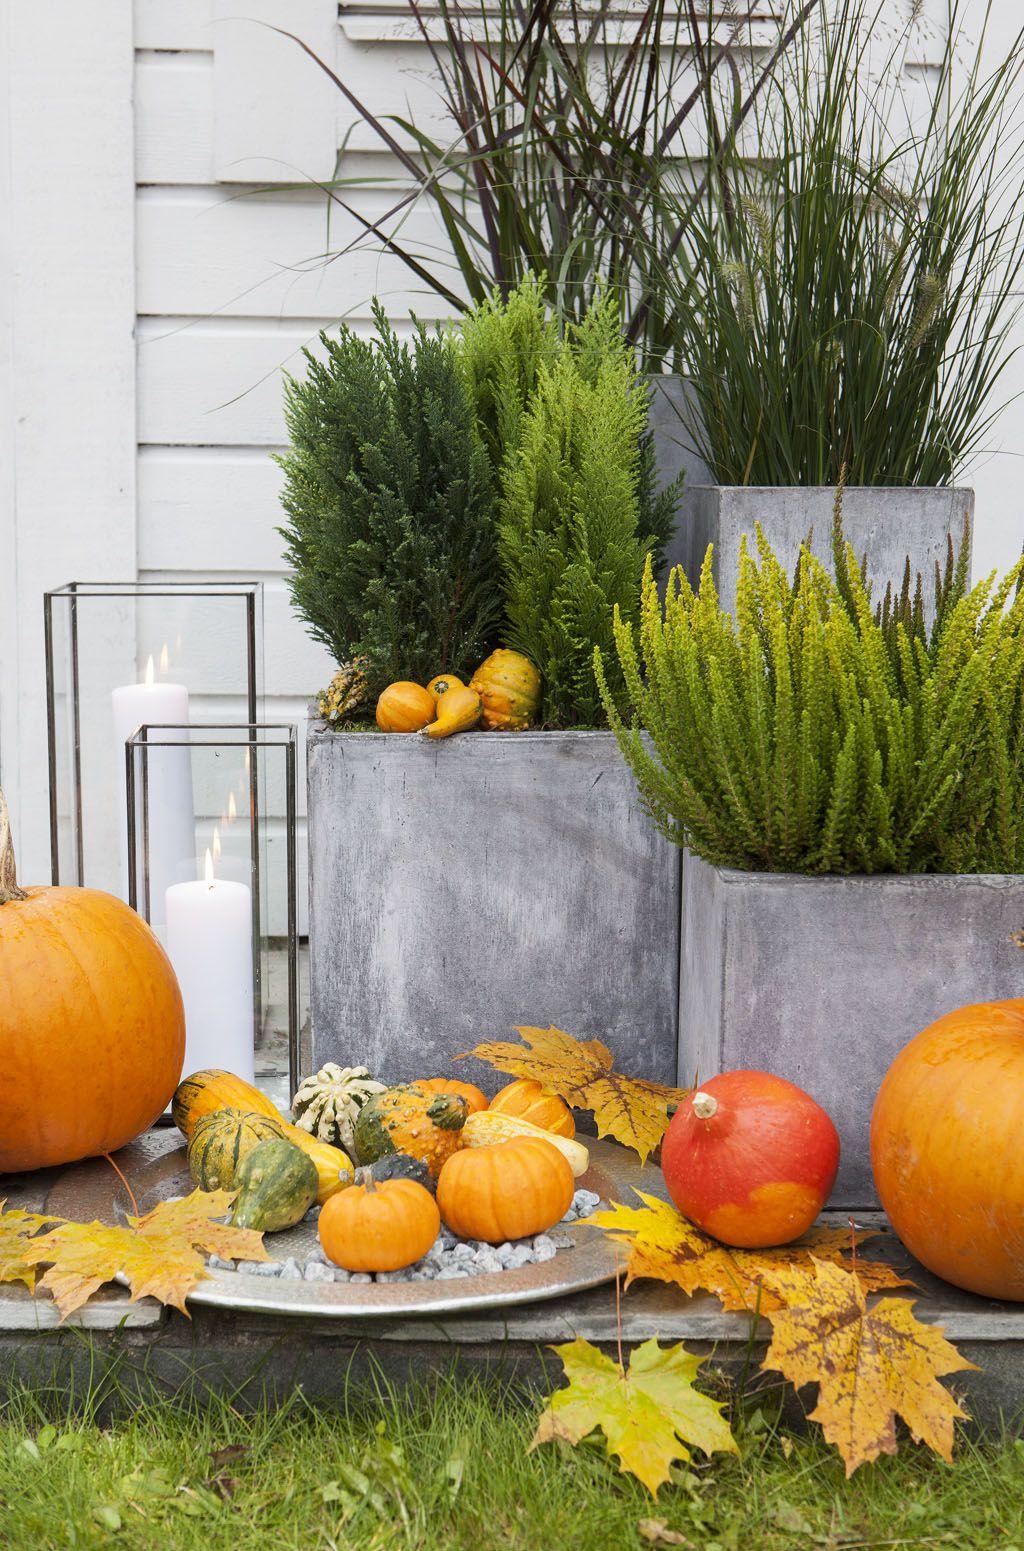 Gresskar kombinert med vintergrønne planter gir en fargerik høststemning.